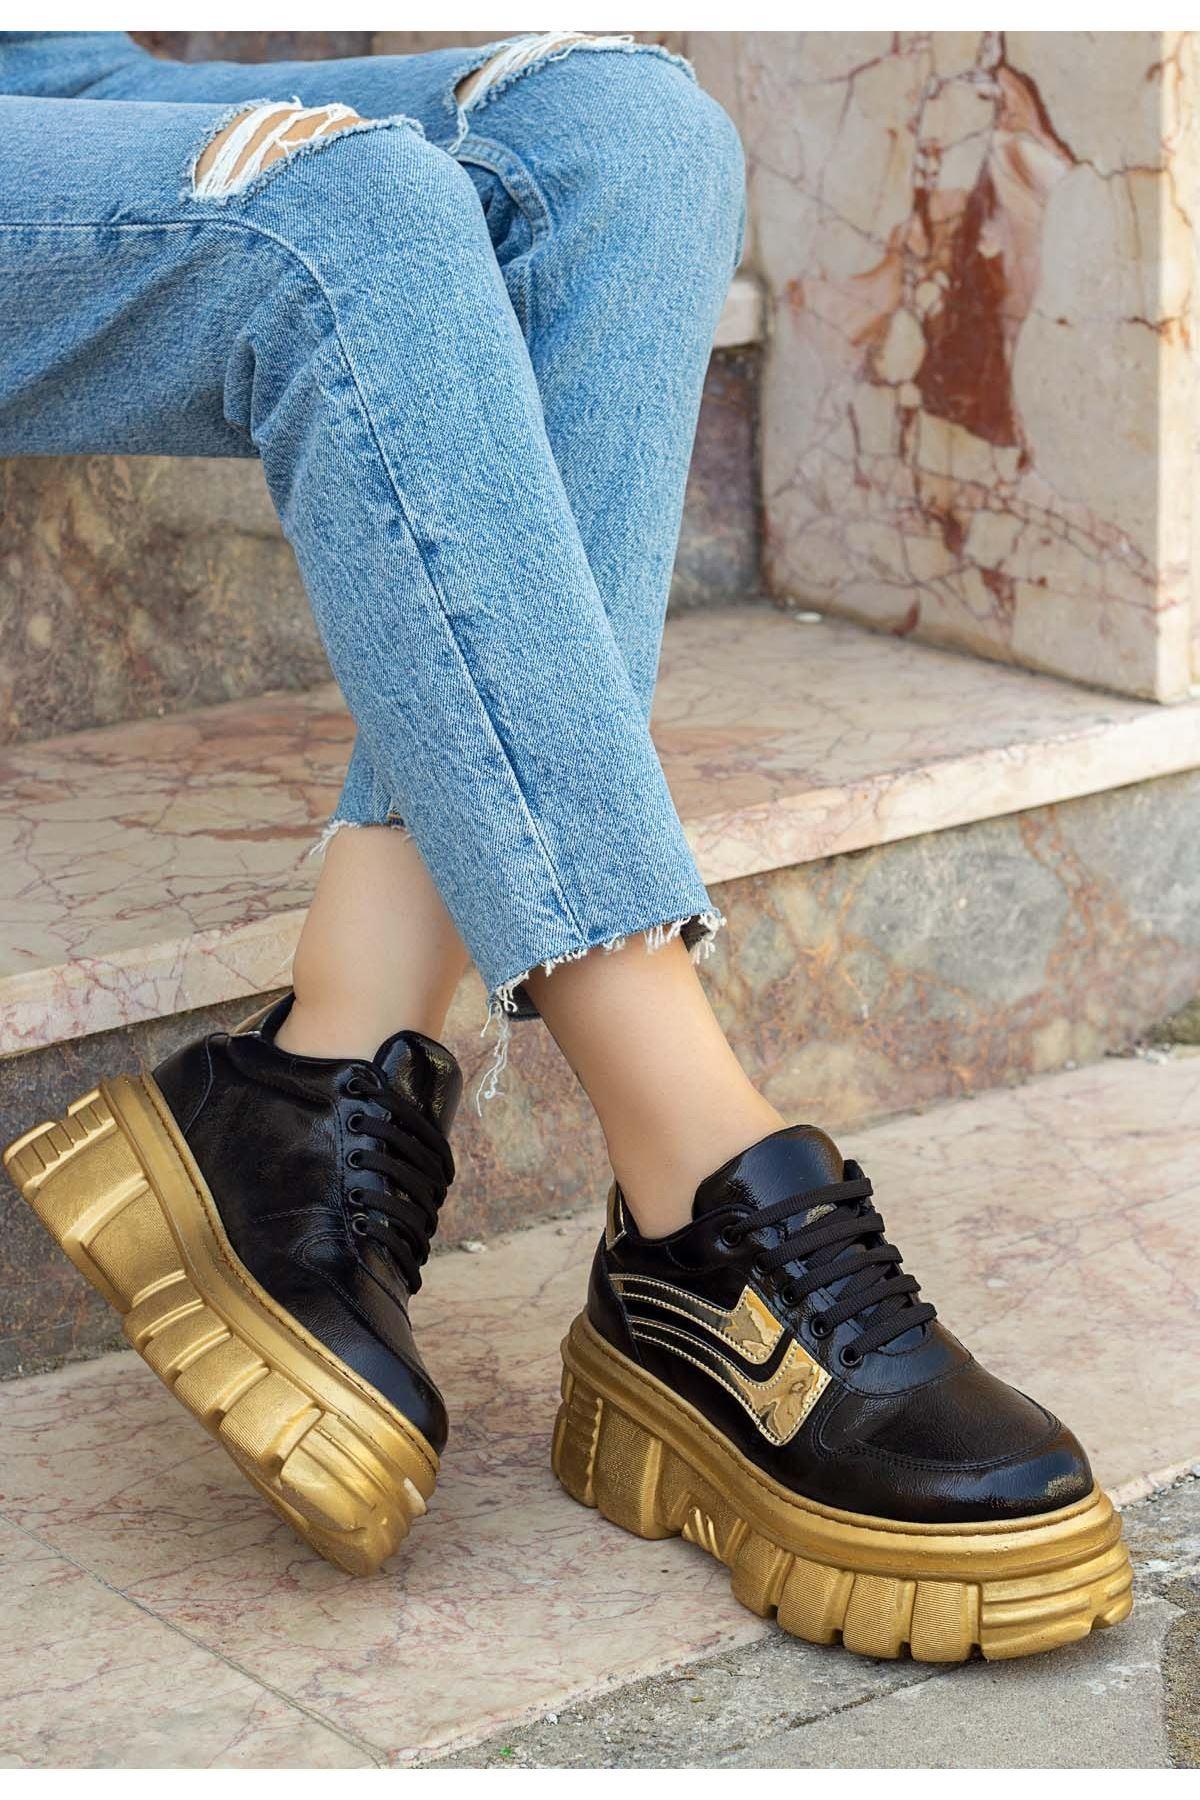 Matti Siyah Rugan Gold Tabanlı Spor Ayakkabı